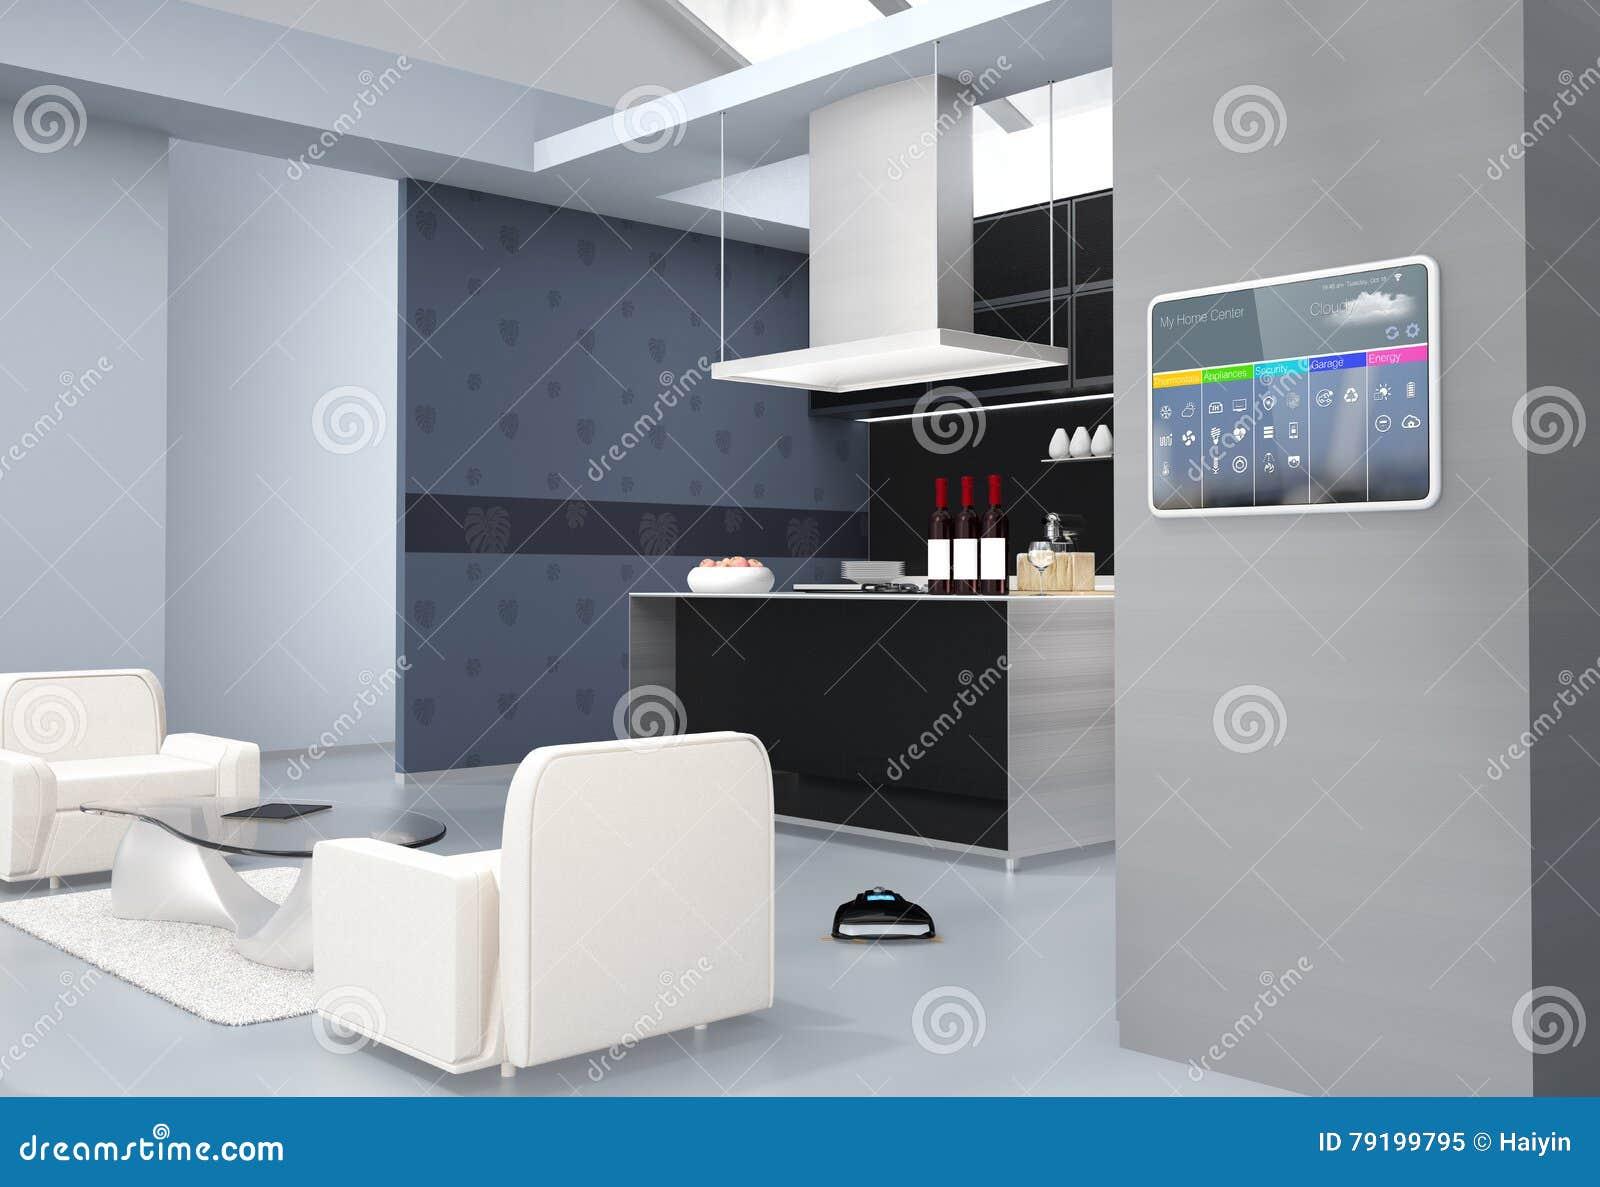 Пульт управления домашней автоматизации на стене кухни